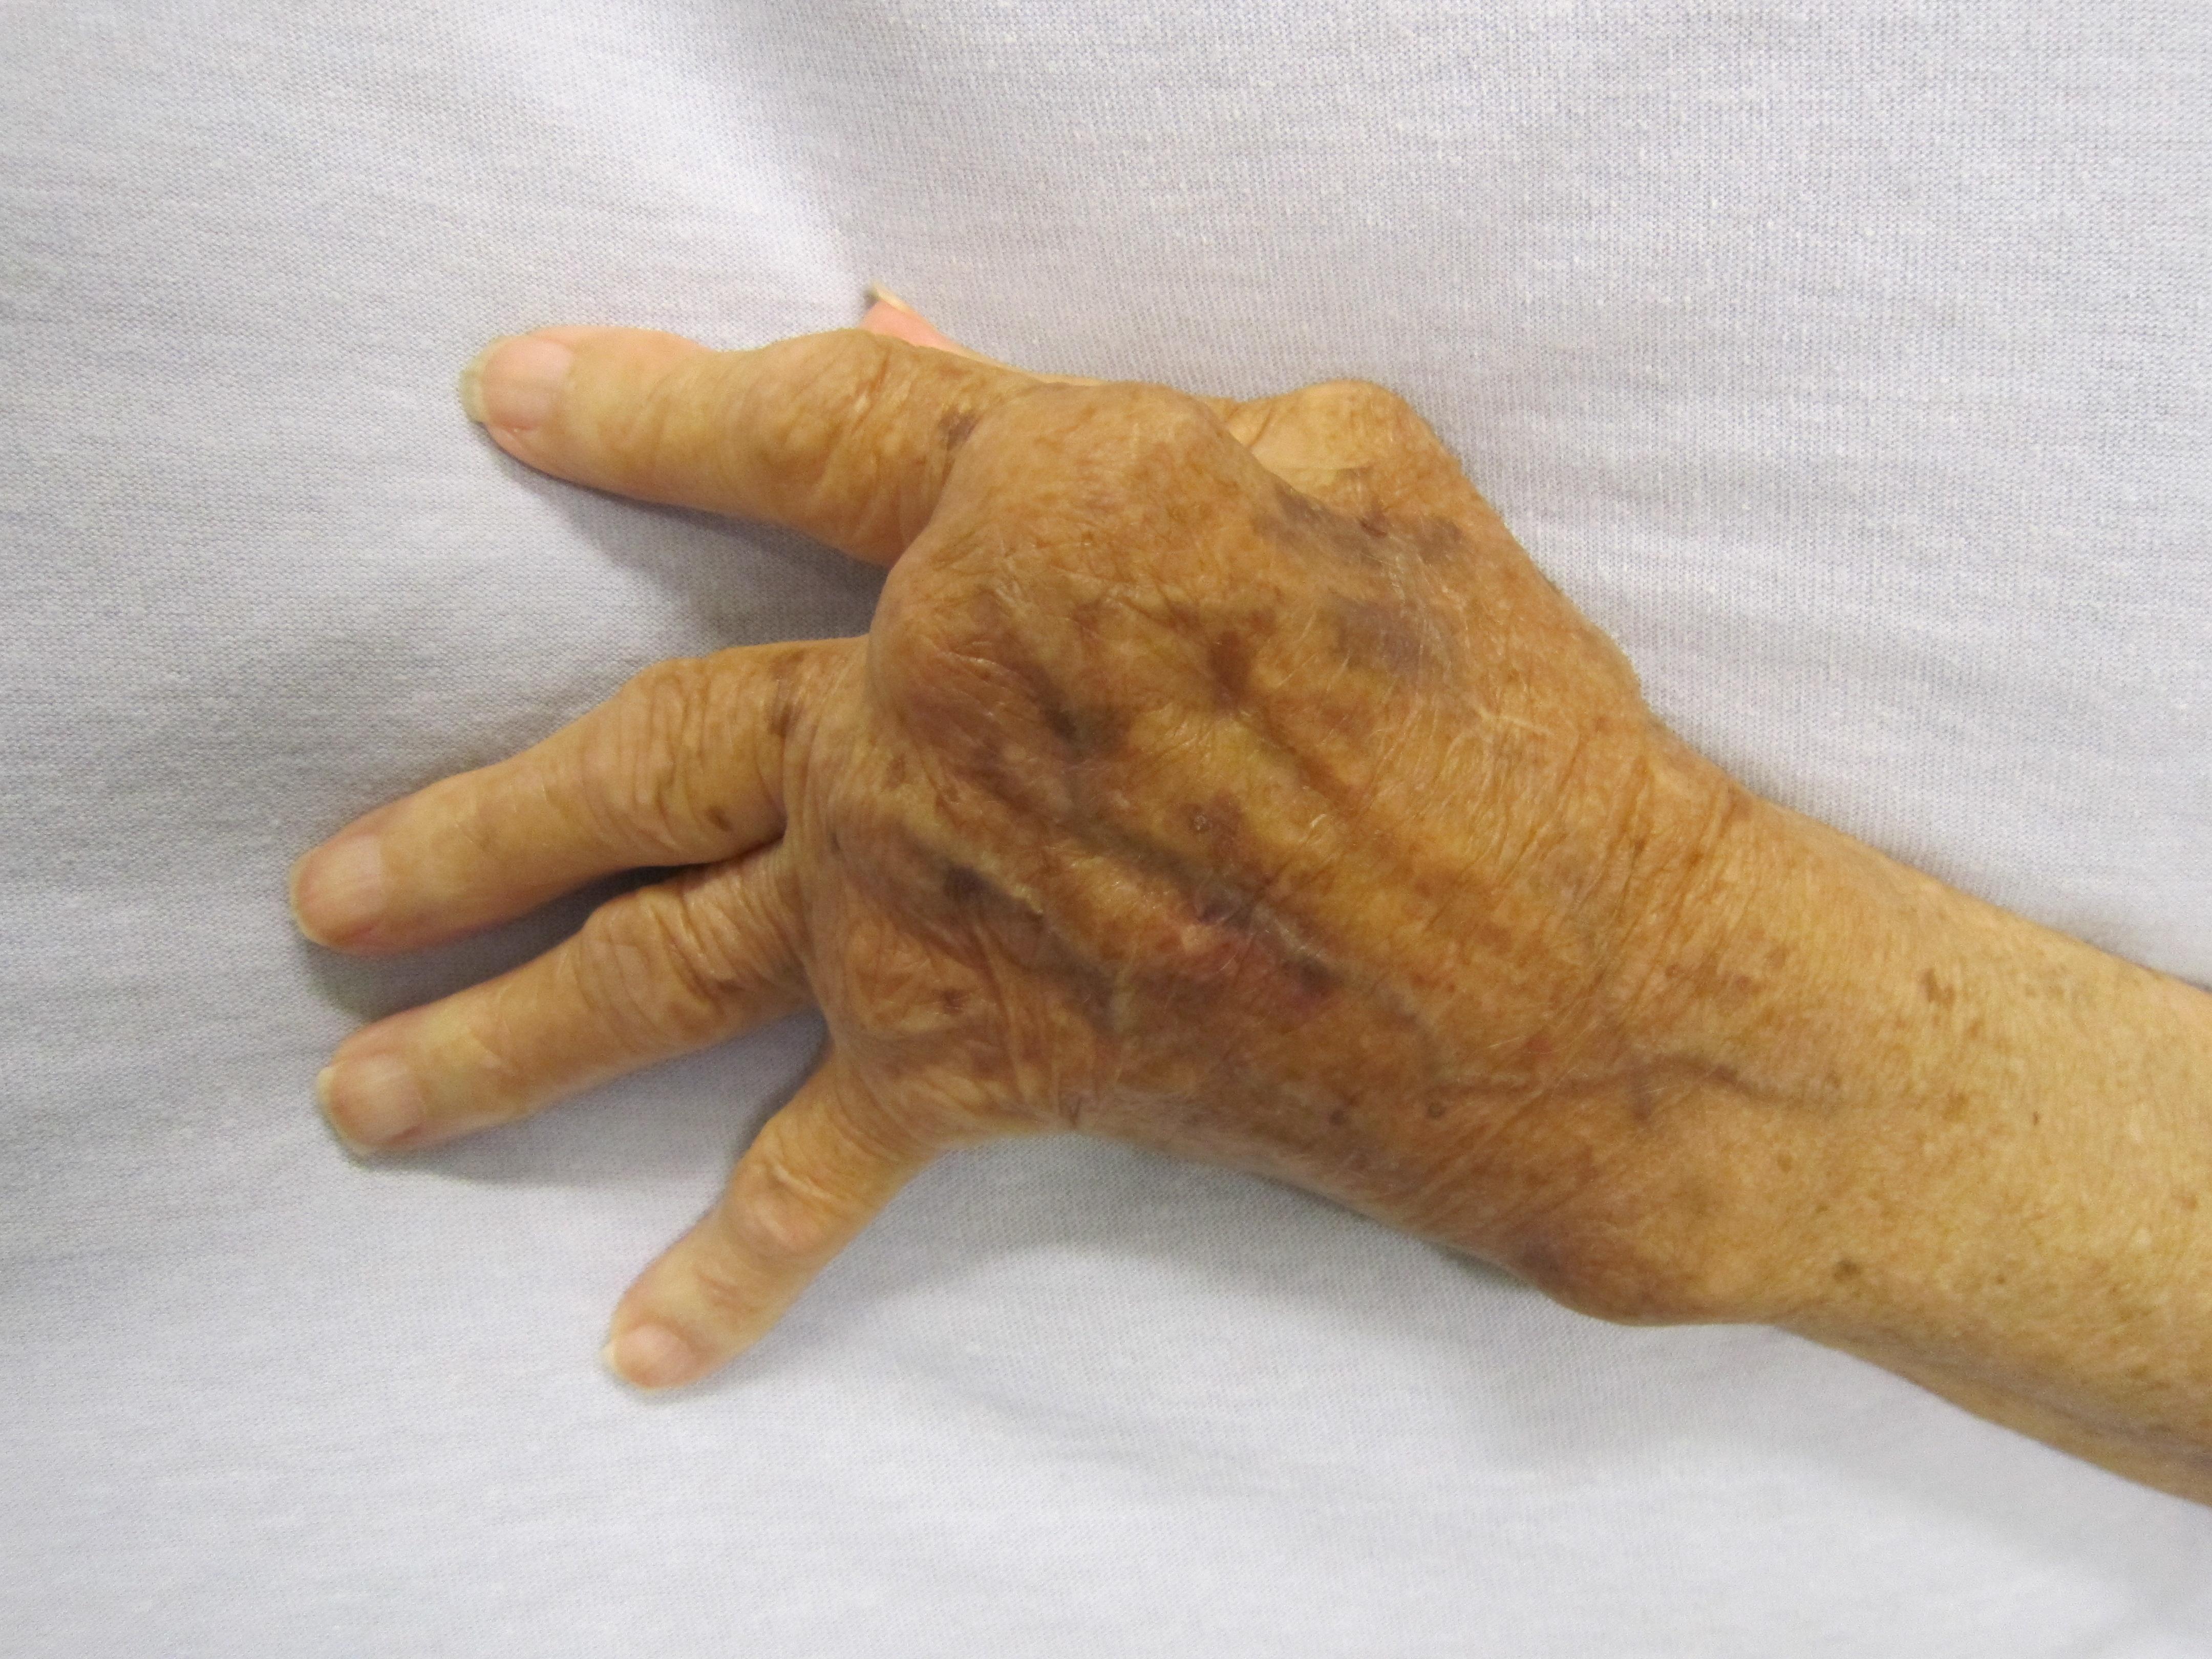 nem szteroid gyulladáscsökkentő szerek az ujjak ízületeire)